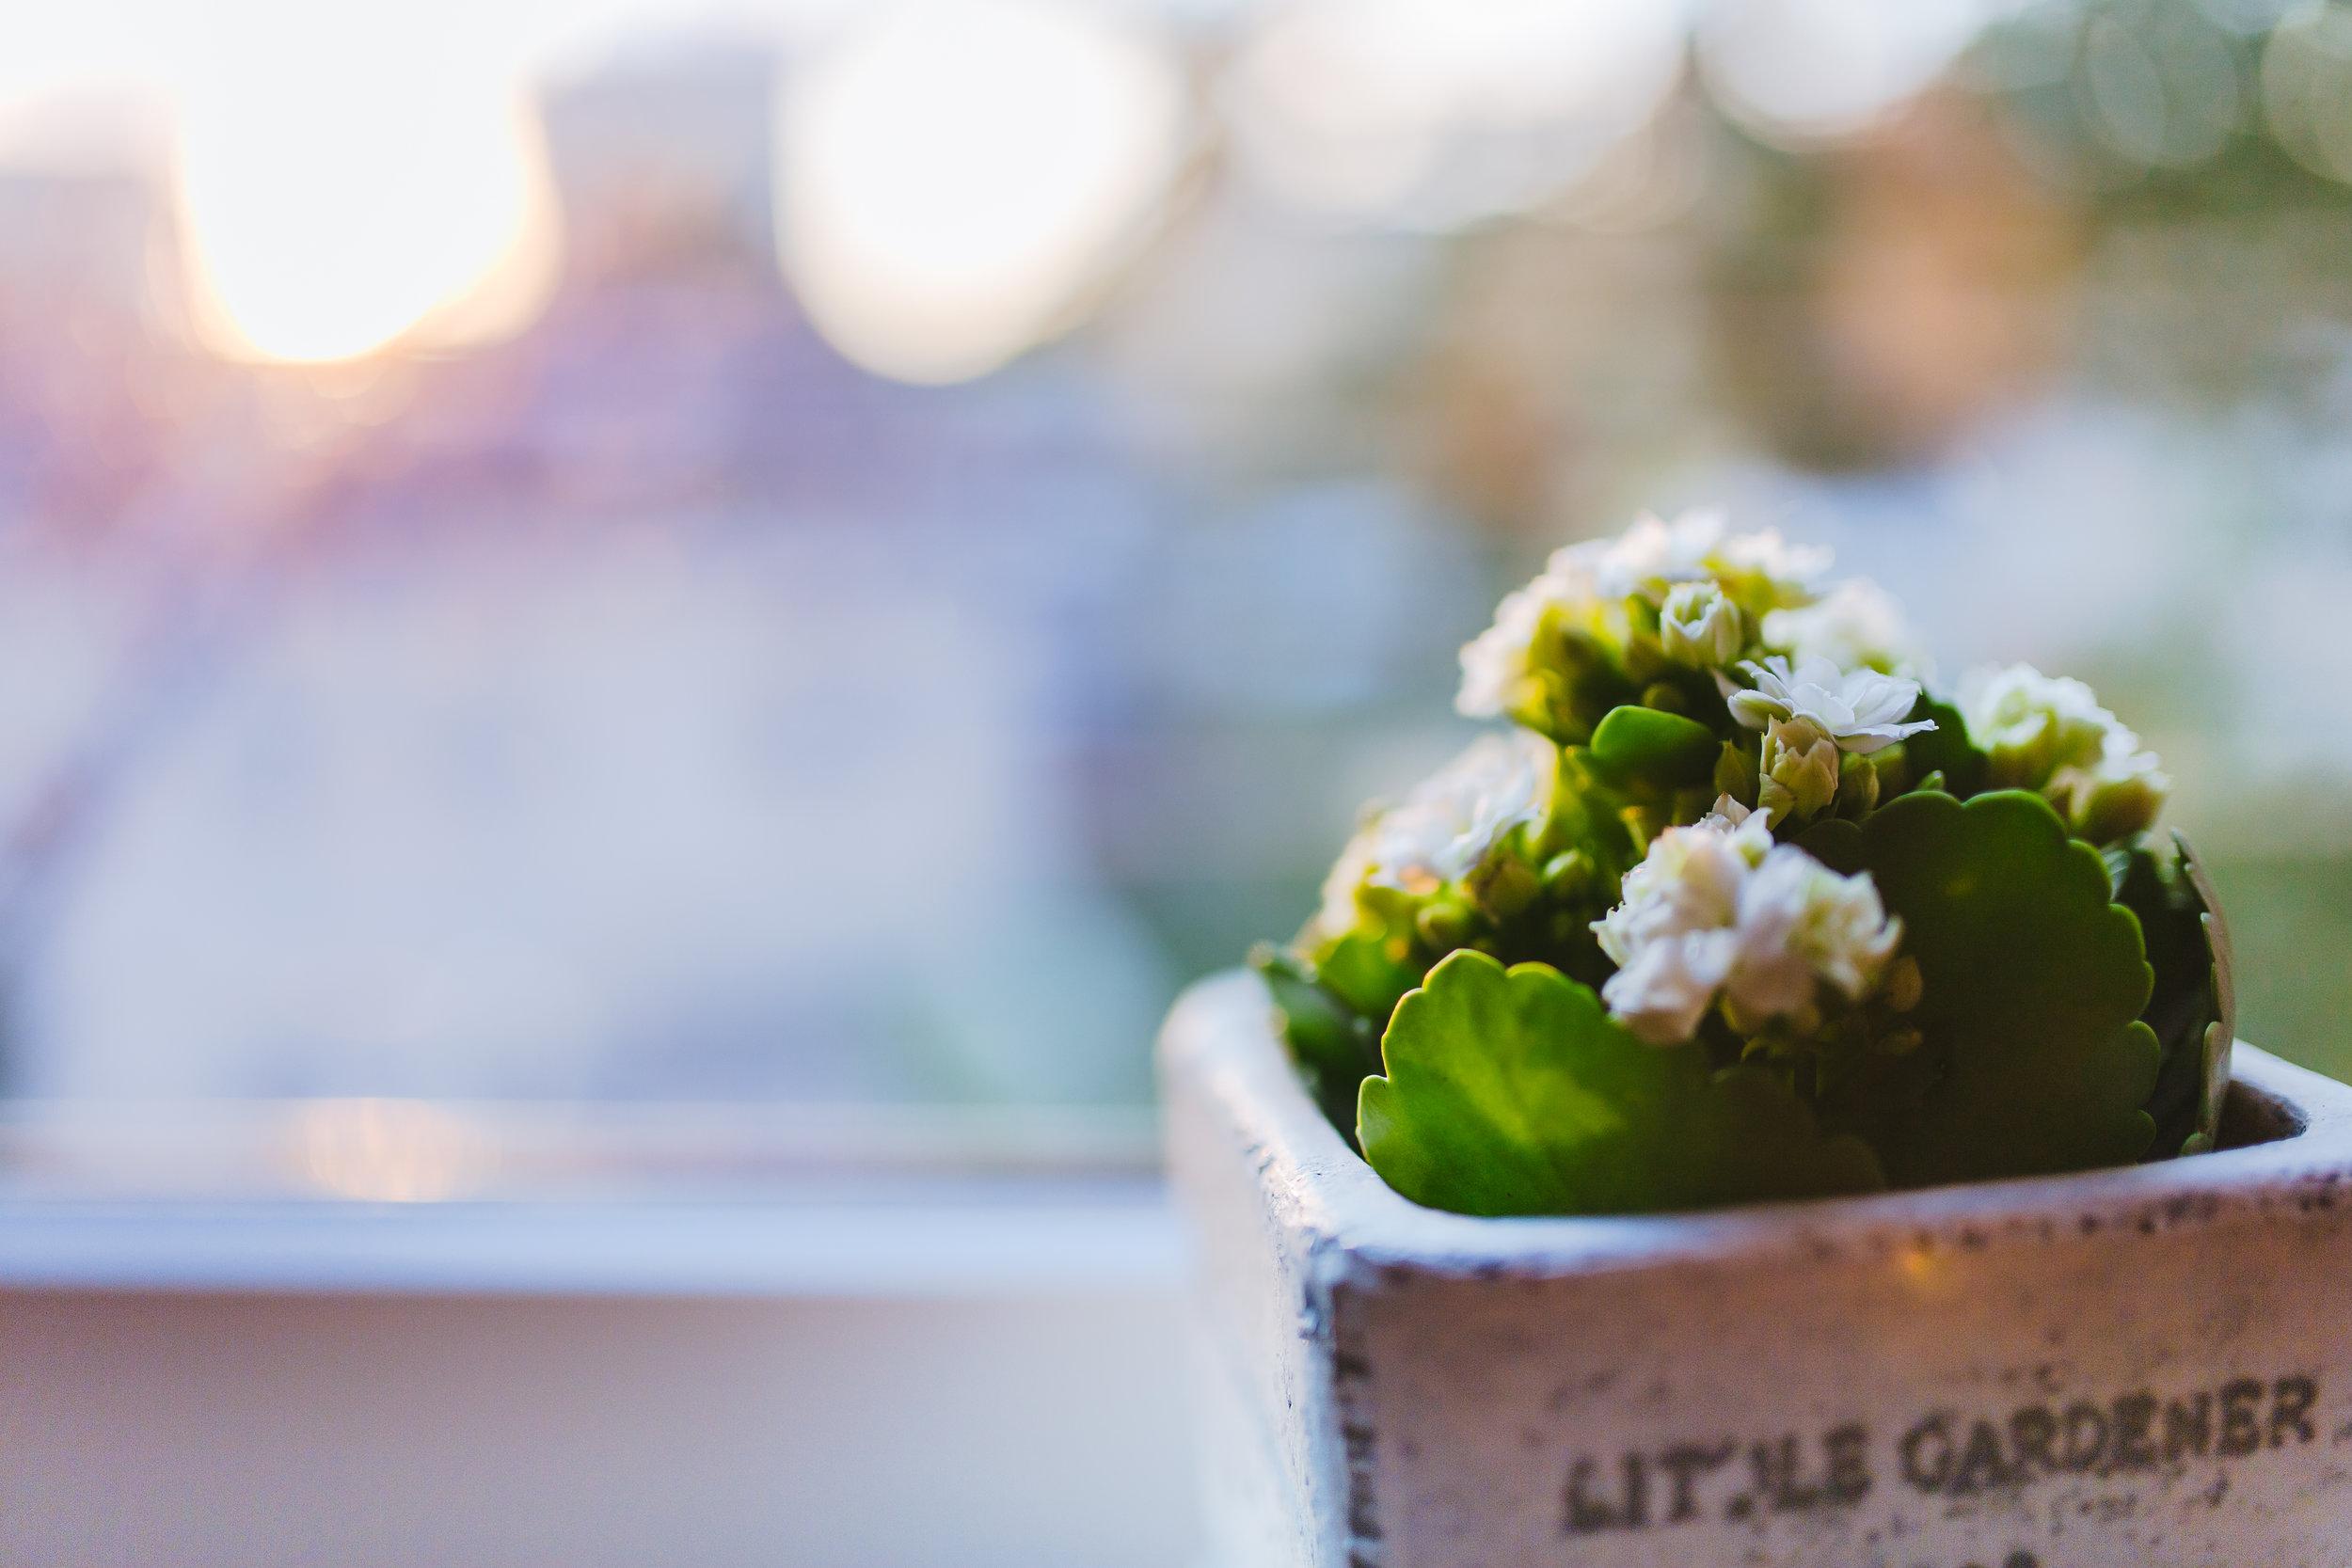 little-gardener-pot.jpg